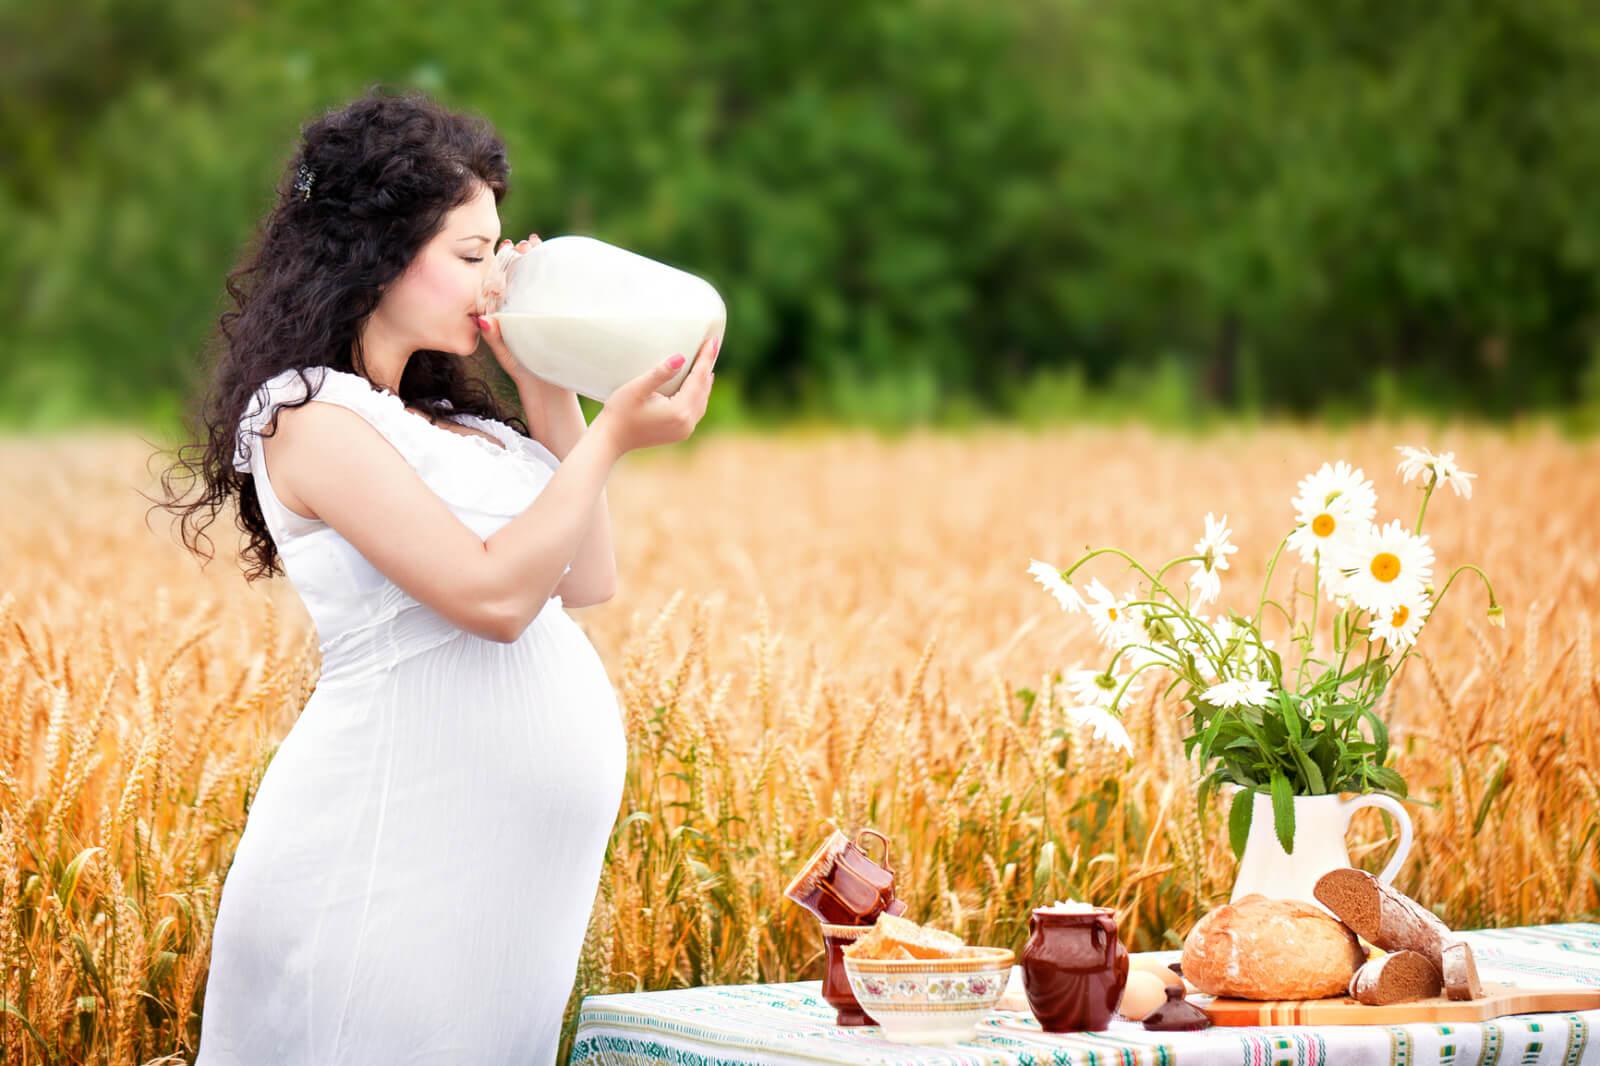 Можно ли пить молоко беременным: польза и вред